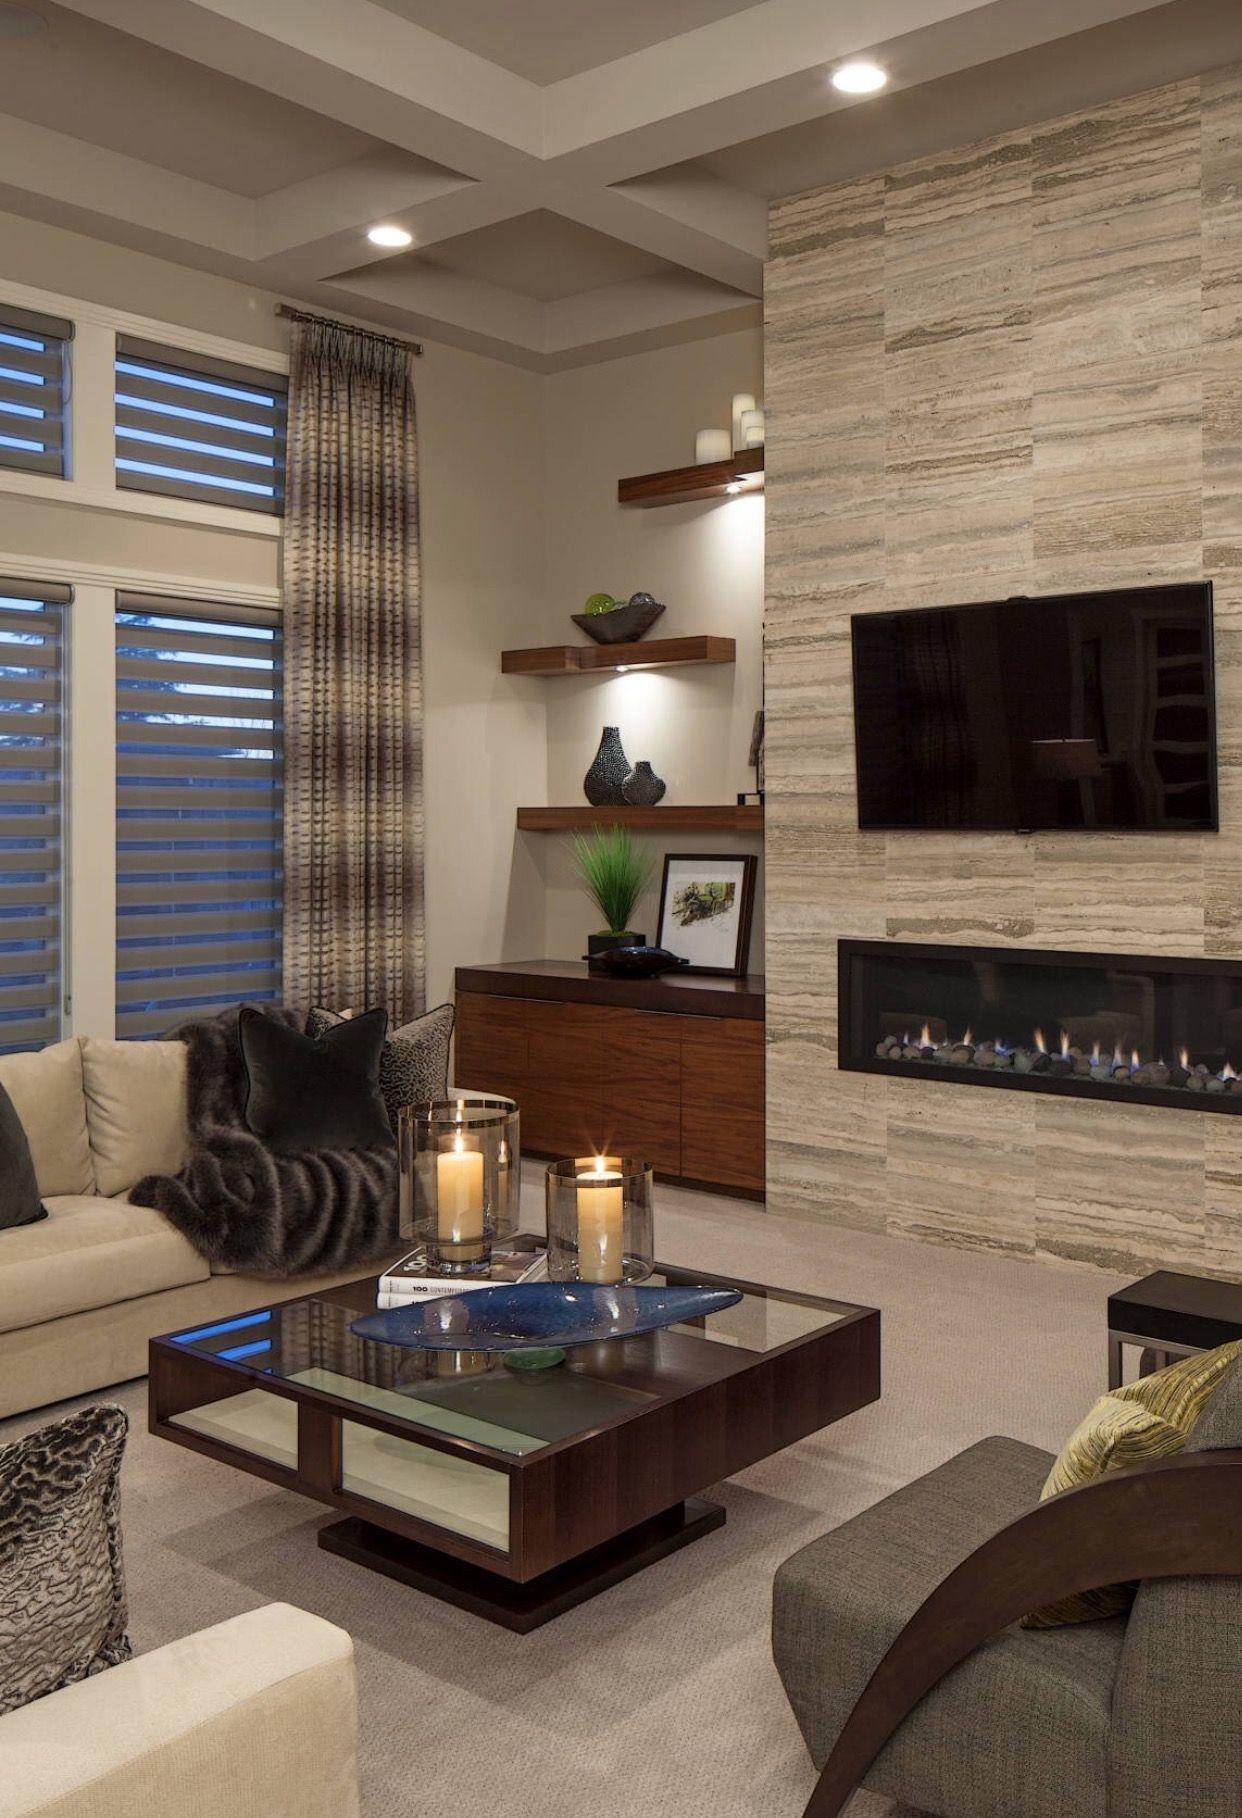 Neutrale Wohnzimmer, Zeitgenössische Wohnzimmer, Wohnräume, Moderne  Wohnzimmer Vorhänge, Formale Wohnzimmer, Wohnzimmer Jalousien, Moderne  Kamine, ...